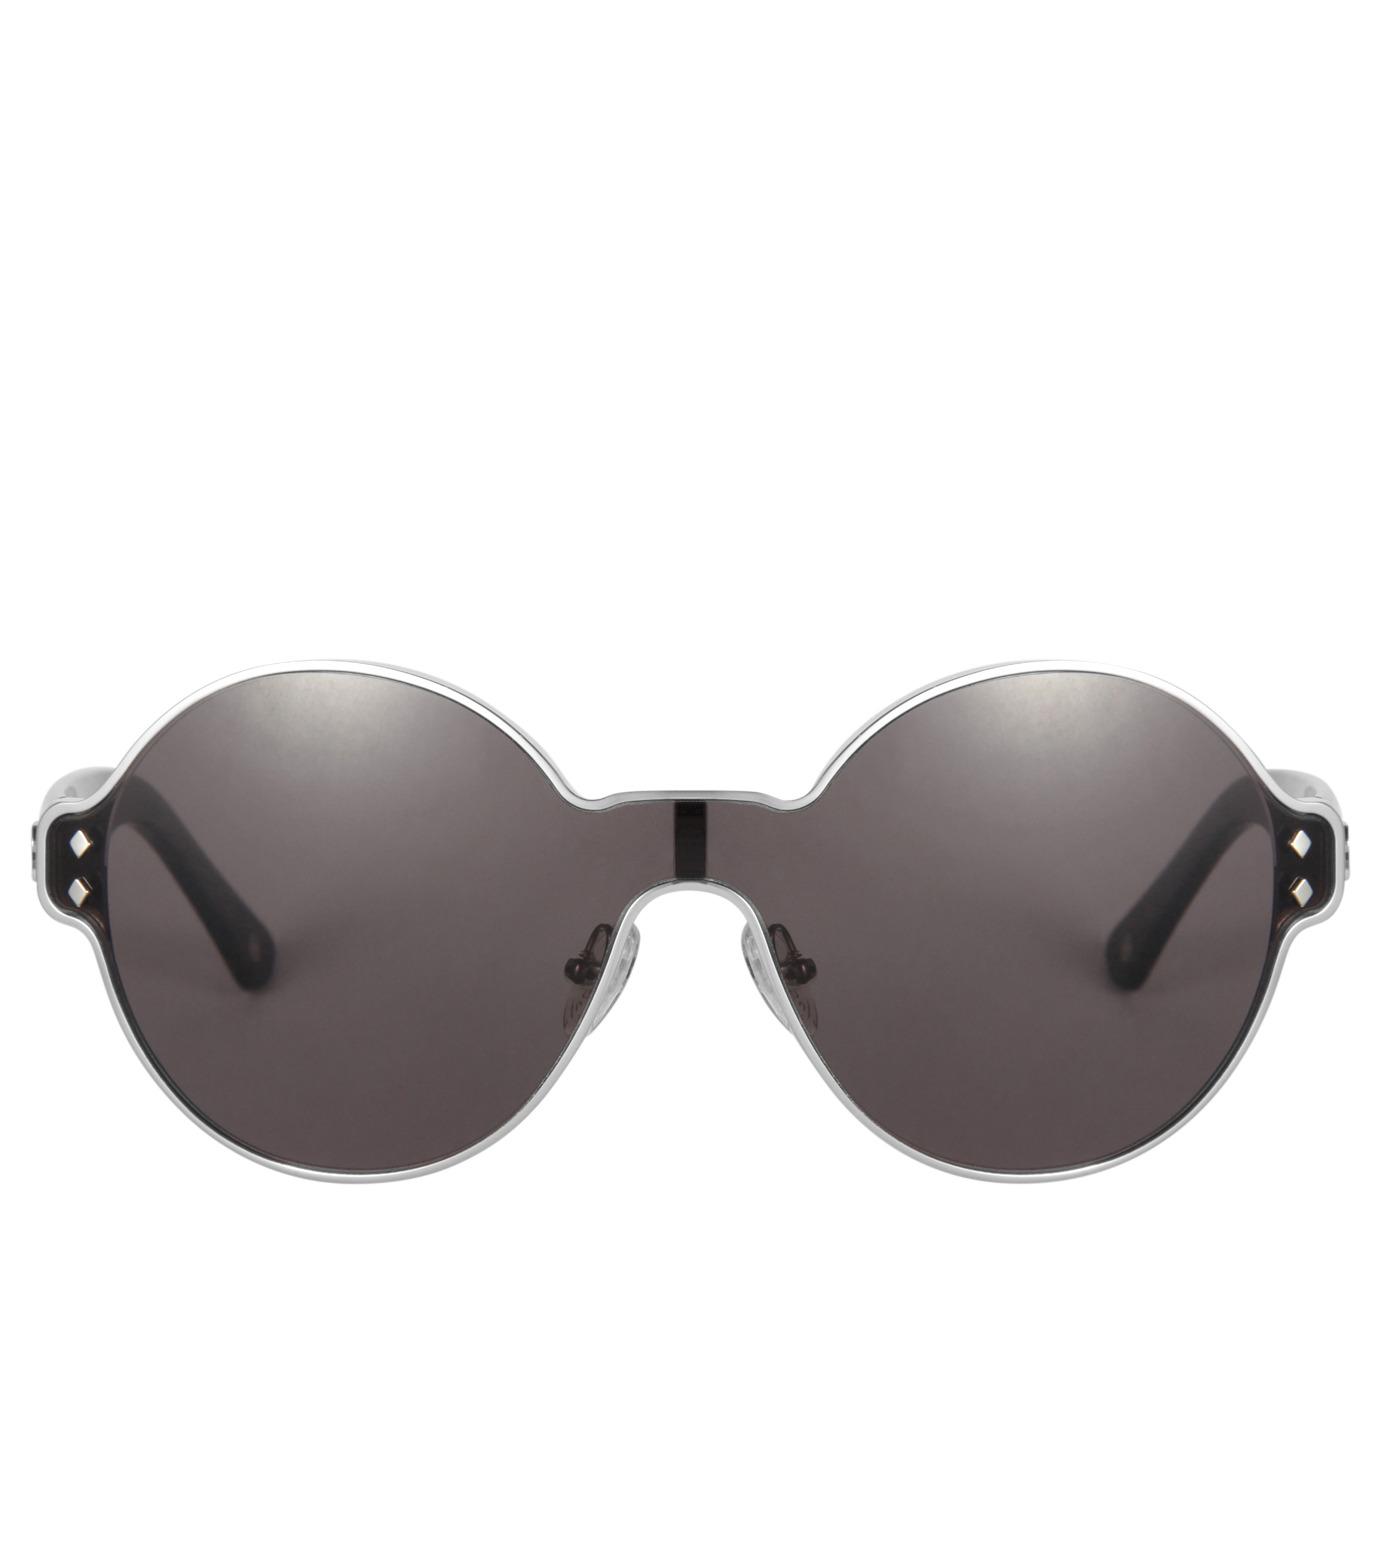 Moncler Eyewear(モンクレールアイウェア)のEYEWEAR-BLACK(アイウェア/eyewear)-MC523-13 拡大詳細画像3